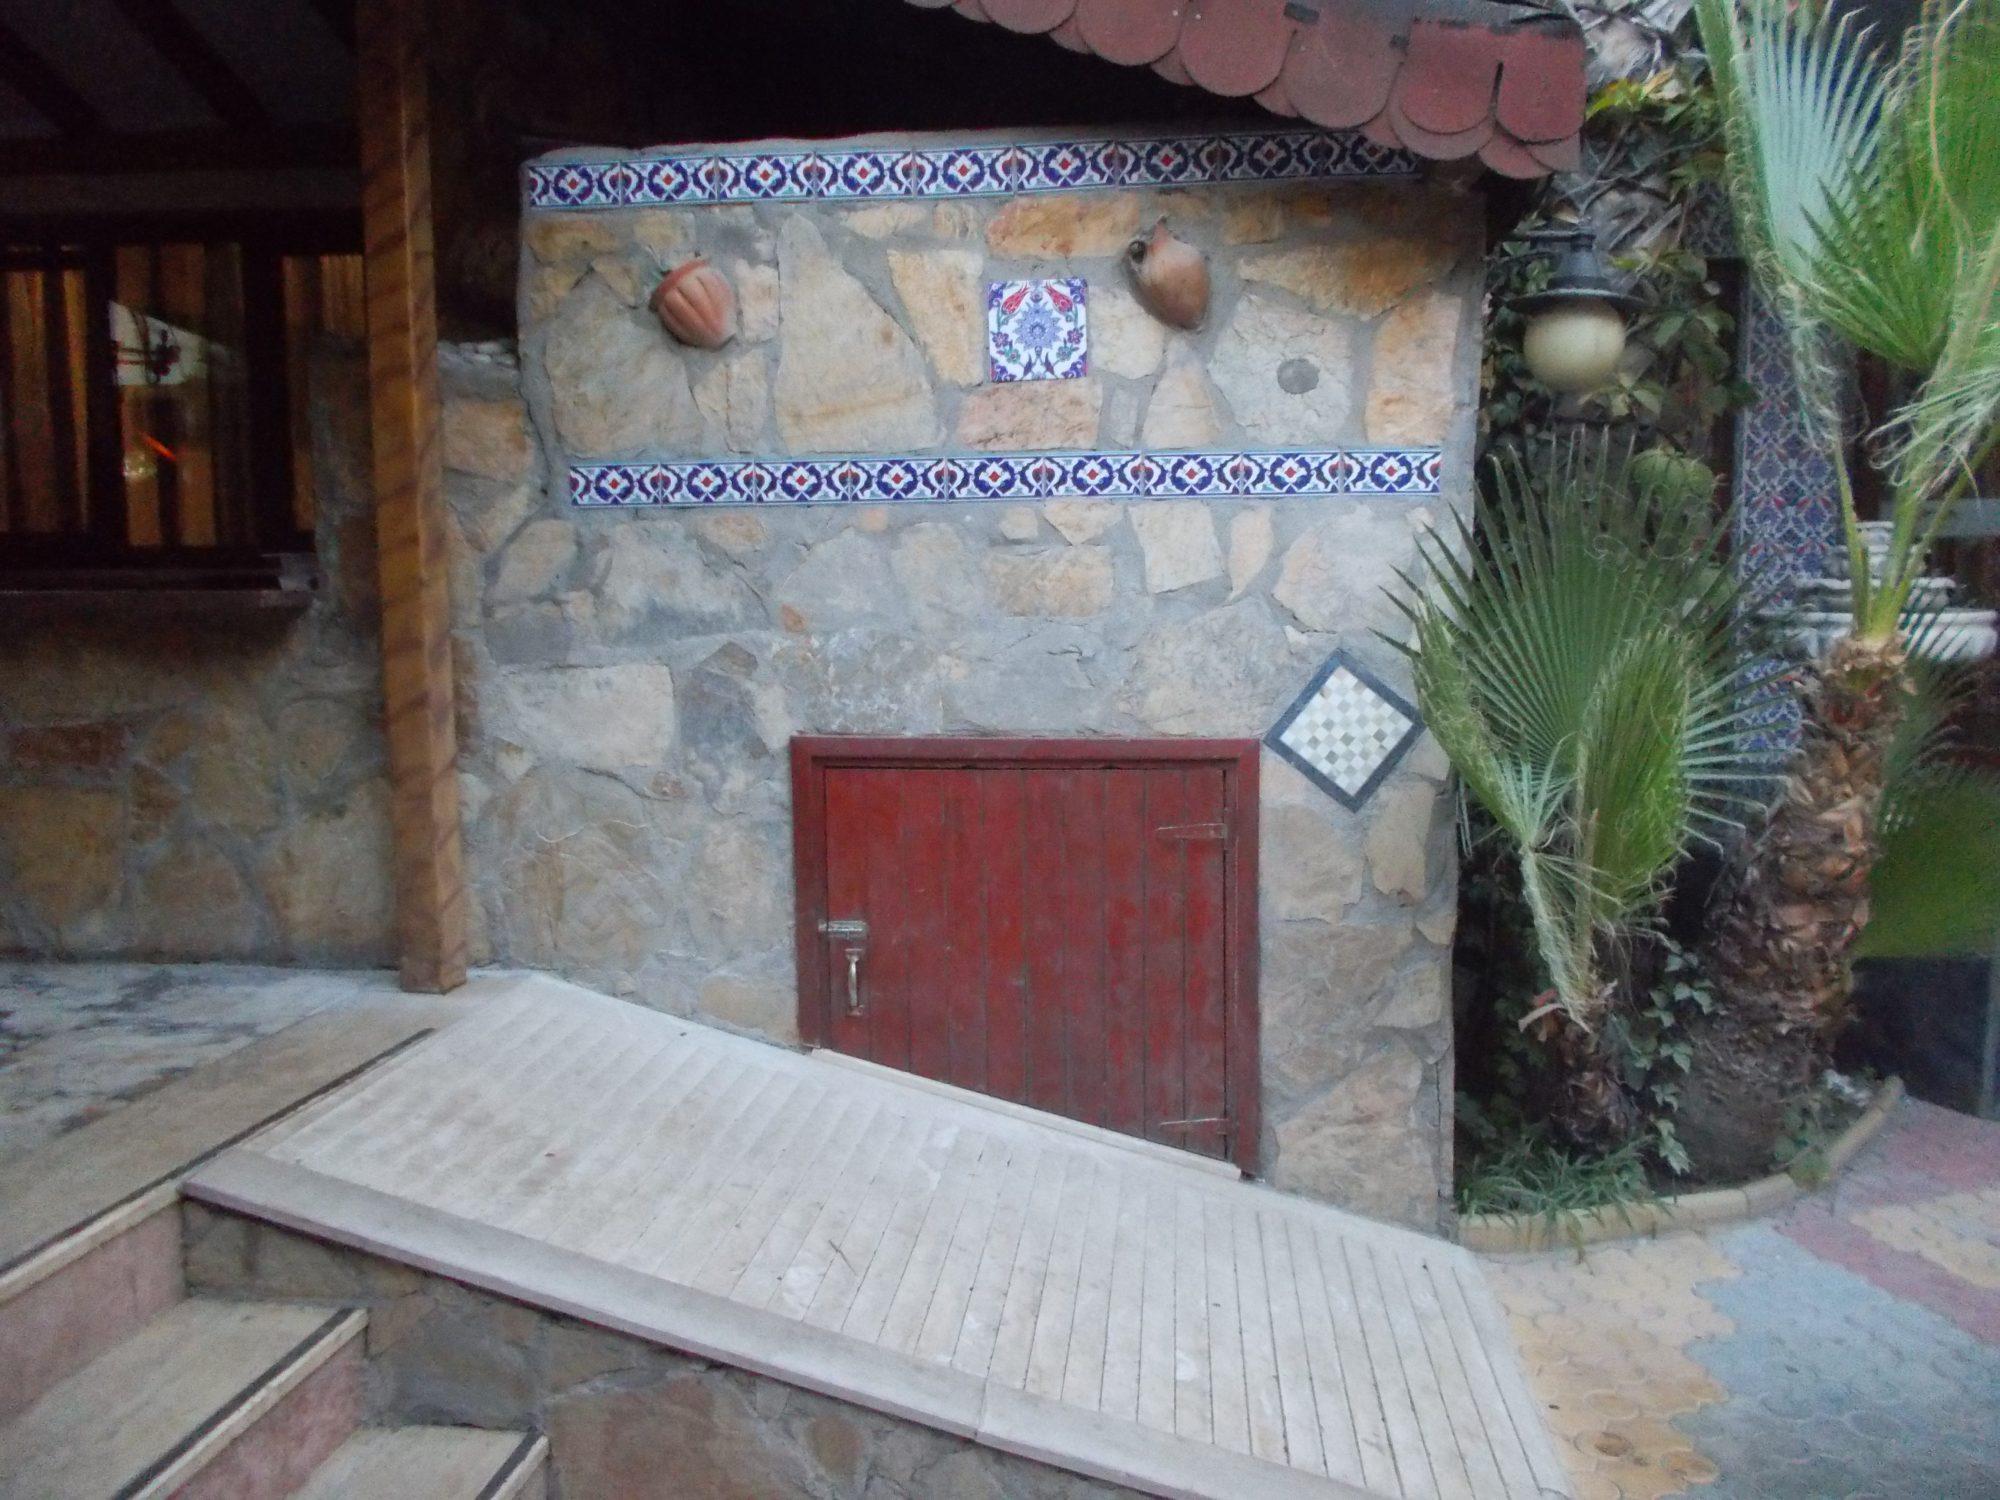 Подовая хлебопекарная печь в Турции.